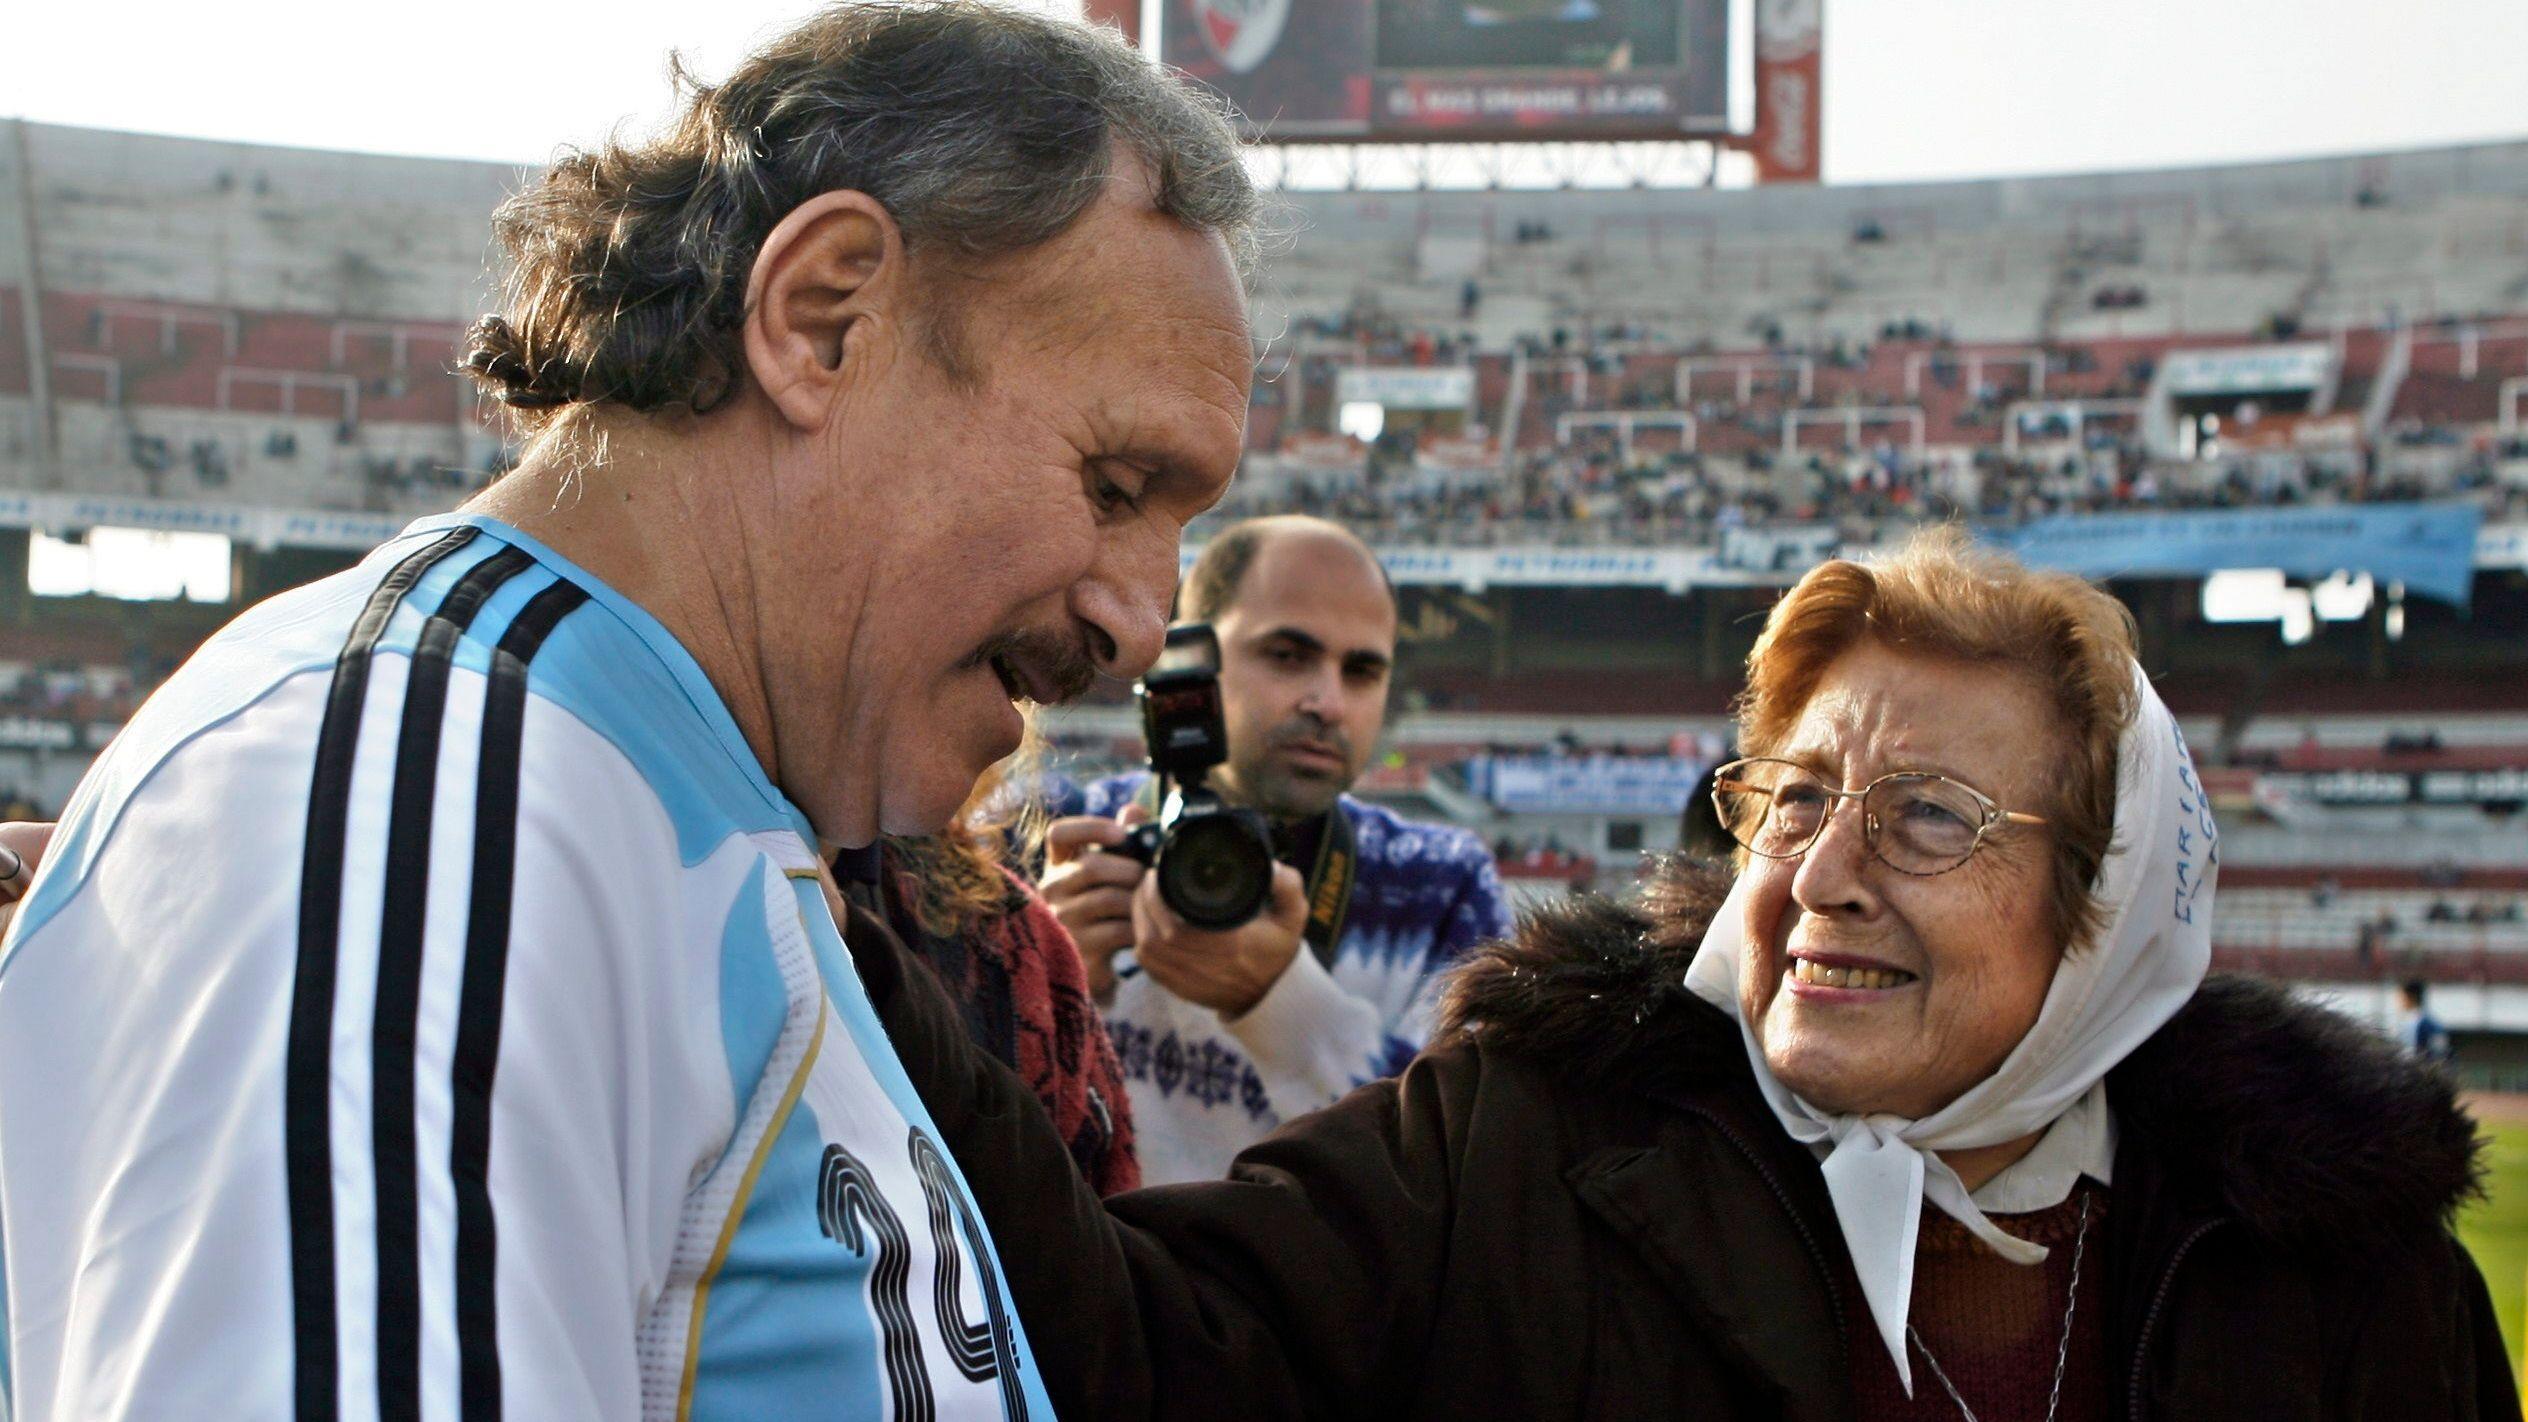 Fotografía tomada en junio de 2008 en la que se registró al ex futbolista y campeón mundial con Argentina en 1978 Leopoldo Jacinto Luque, en el estadio de River Plate, en Buenos Aires (Argentina). EFE/Cézaro De Luca/Archivo